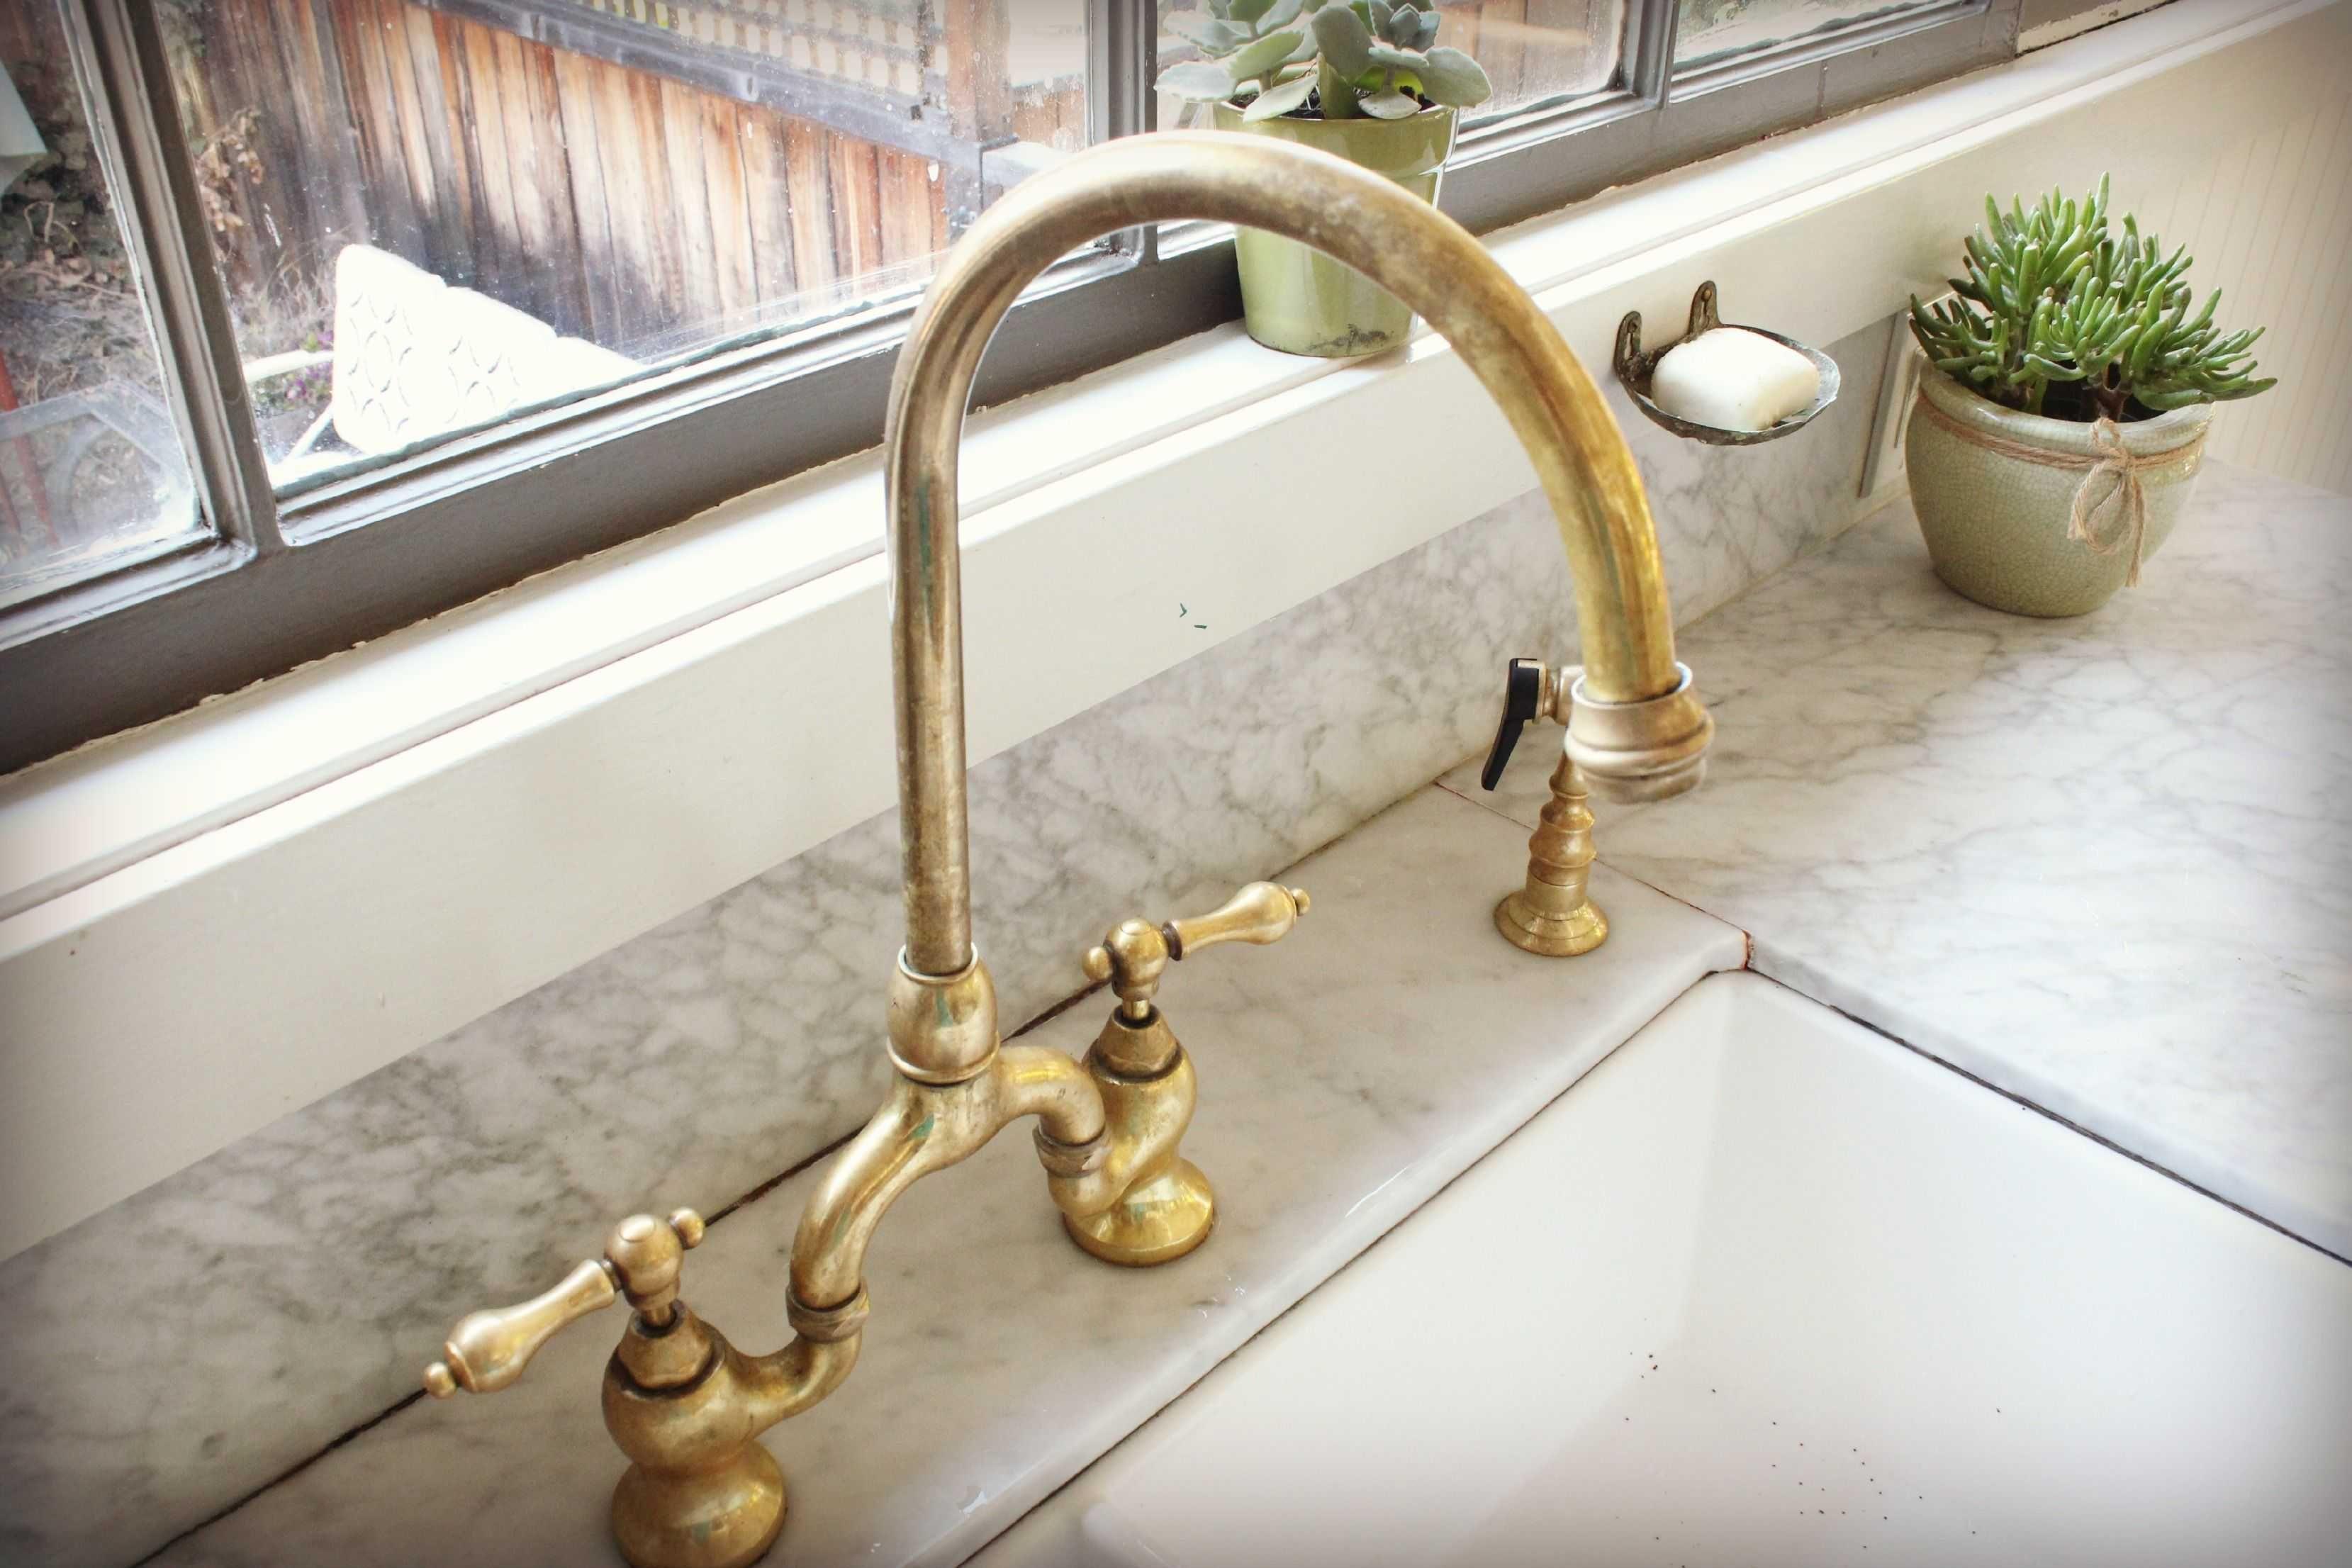 Vintage farmhouse sink faucet fresh vintage farmhouse sink faucet antique kitchen faucets unlacquered brass faucet detail old